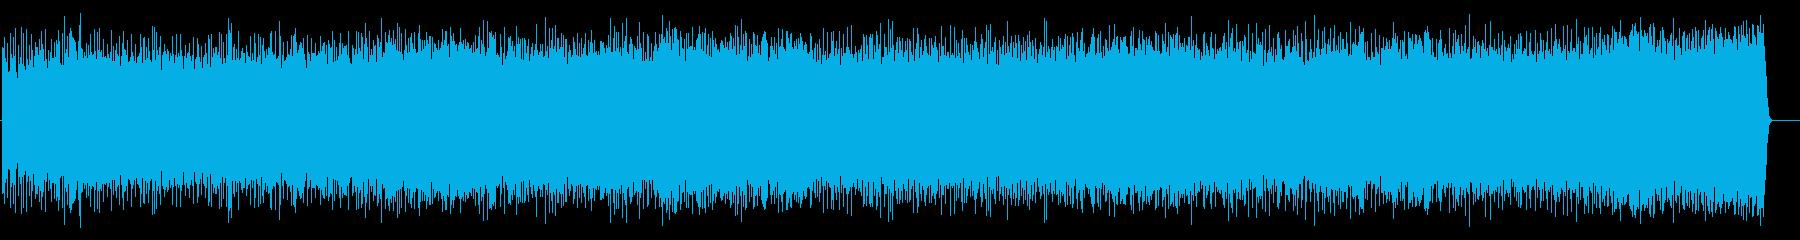 メロディーが陽気なアメリカンハードロックの再生済みの波形